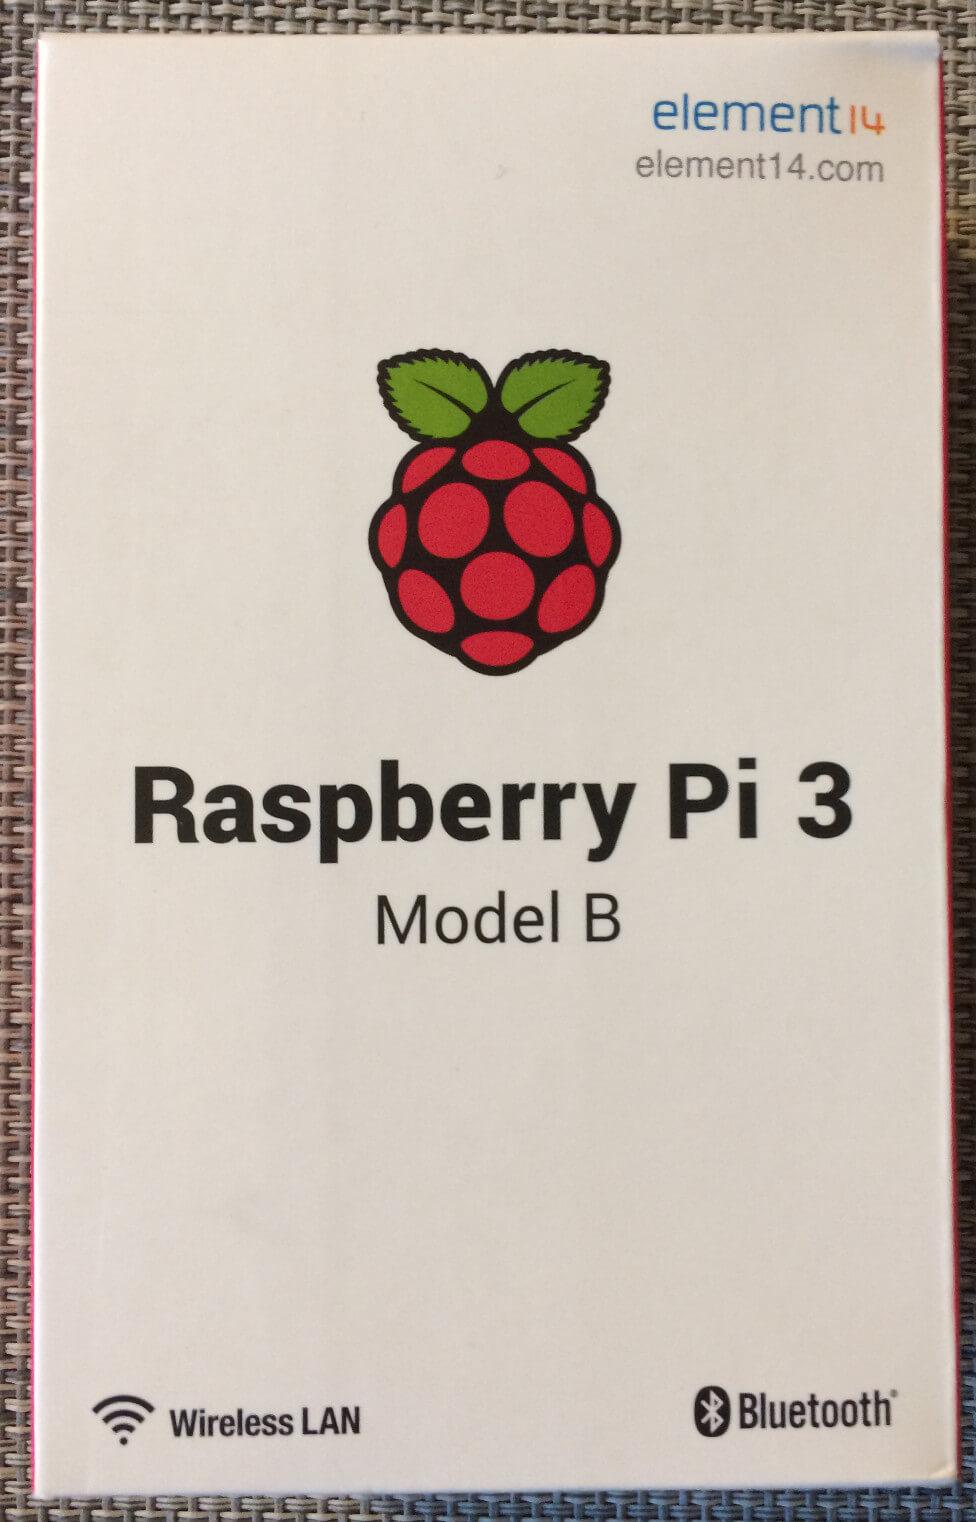 Raspberr Pi 3 box